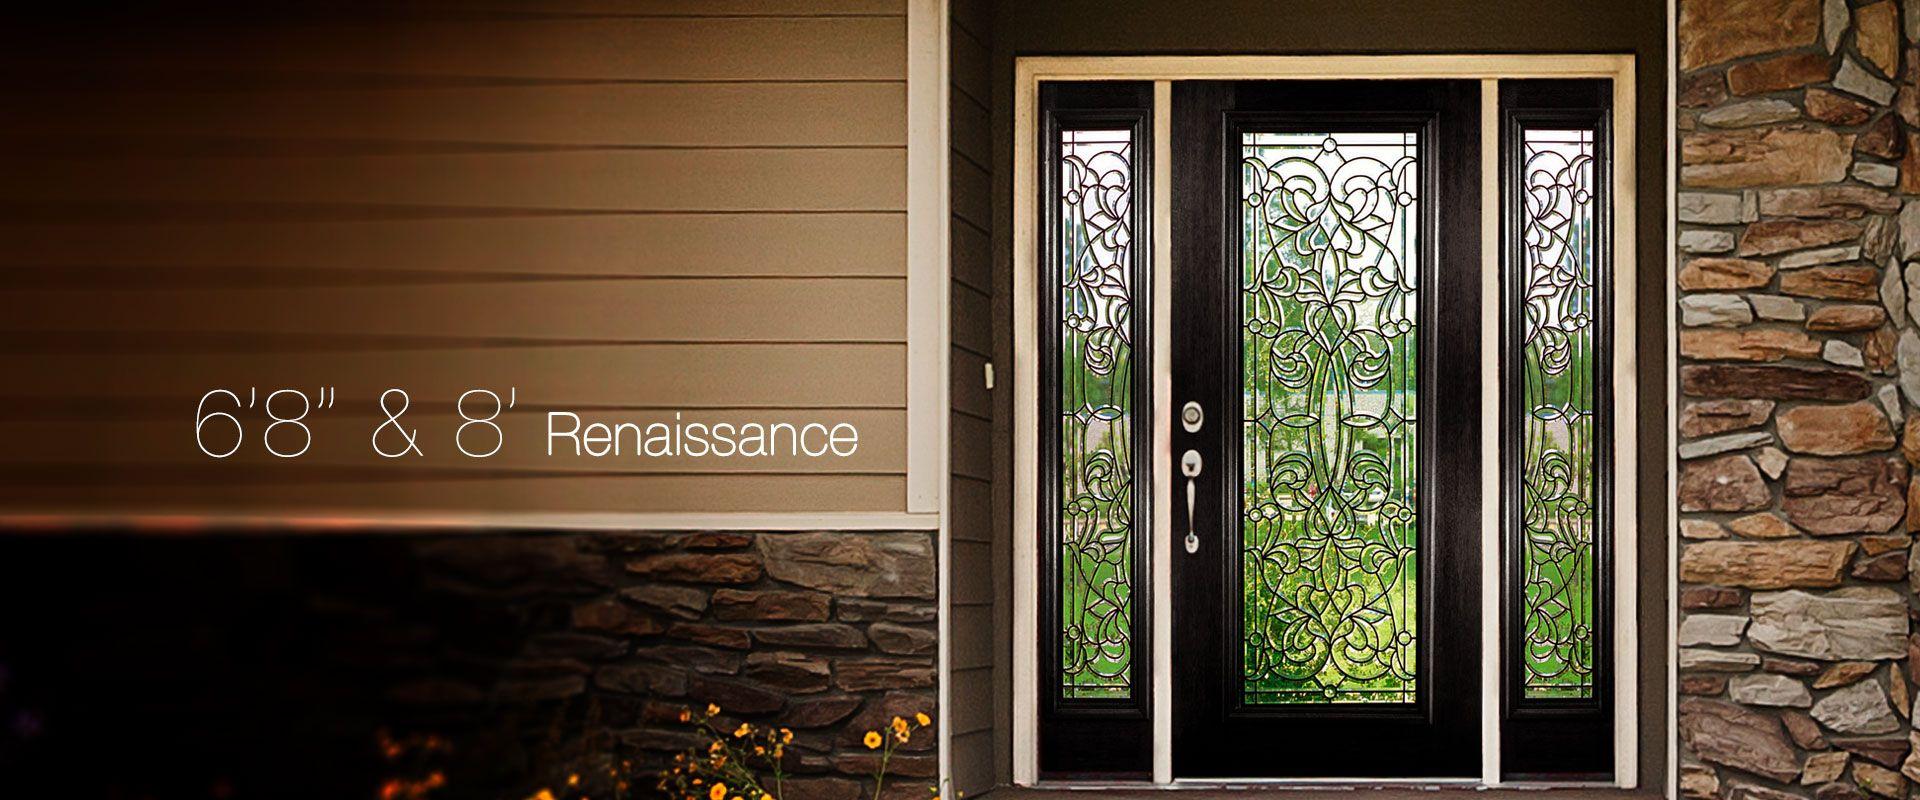 Bevel King Doors | Exterior Renaissance Doors & Bevel King Doors | Exterior Renaissance Doors | Bevel King Doors ...